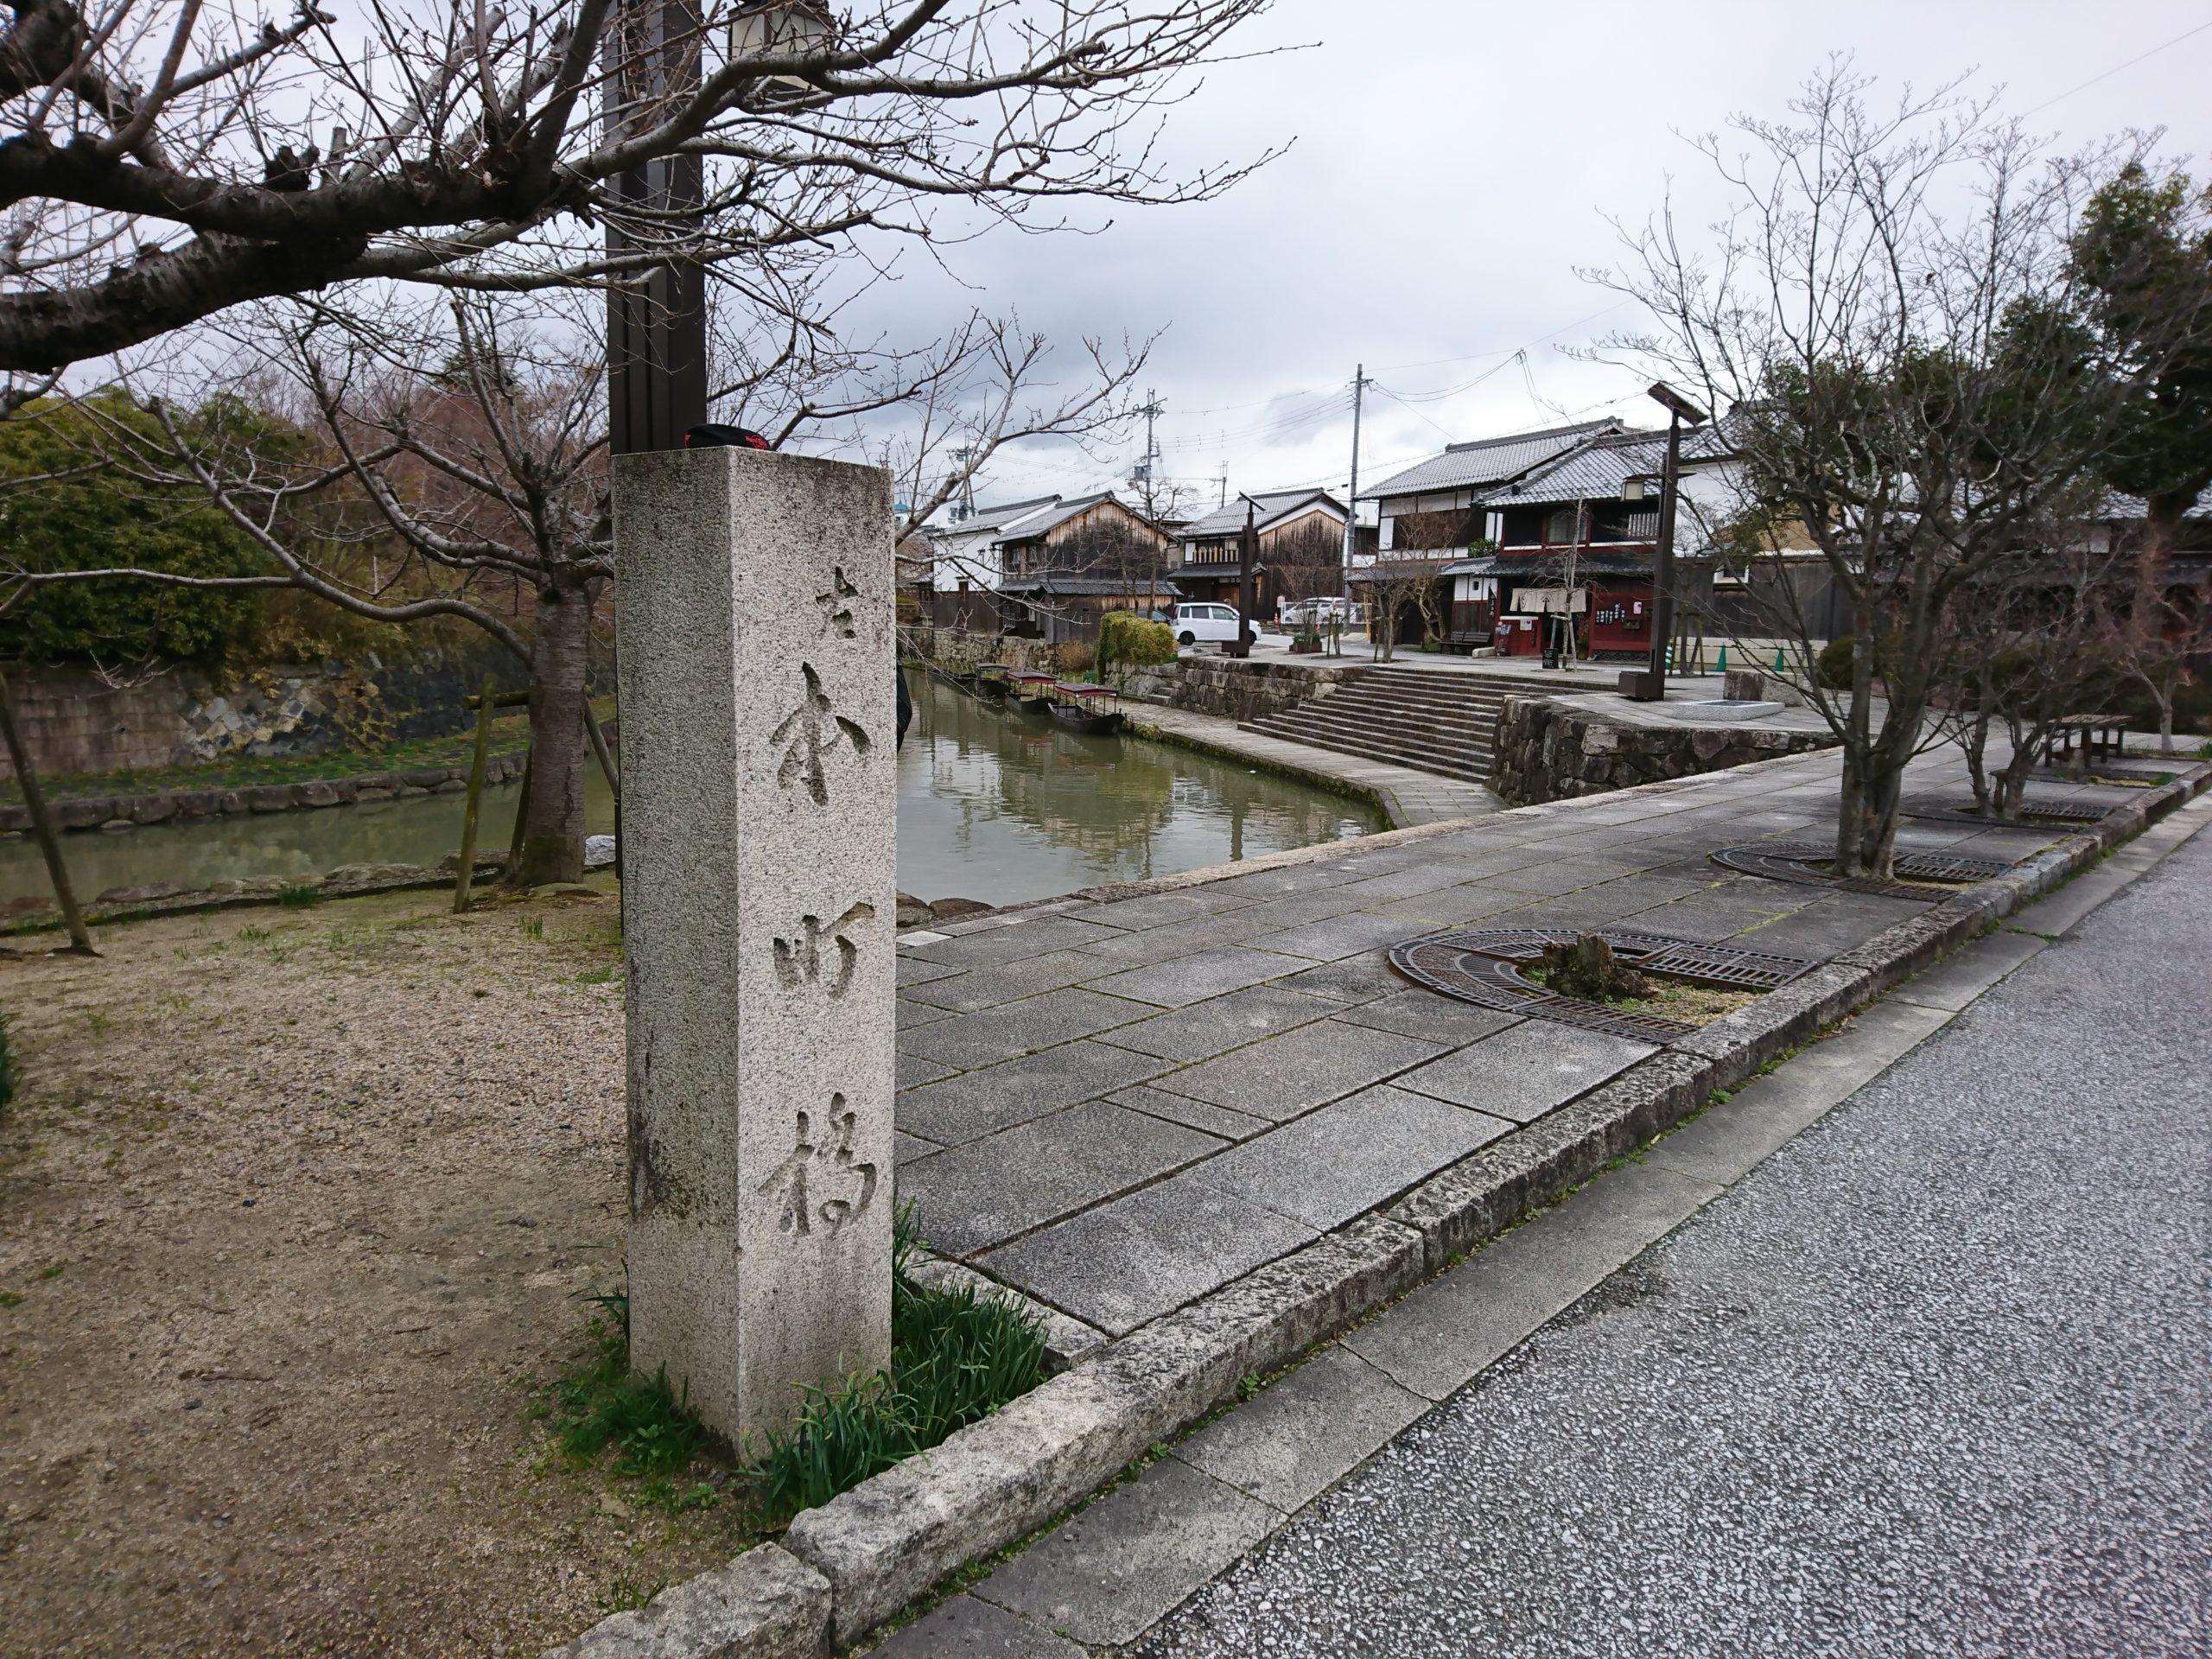 PV近江びわ湖から近い観光地近江八幡の街並み